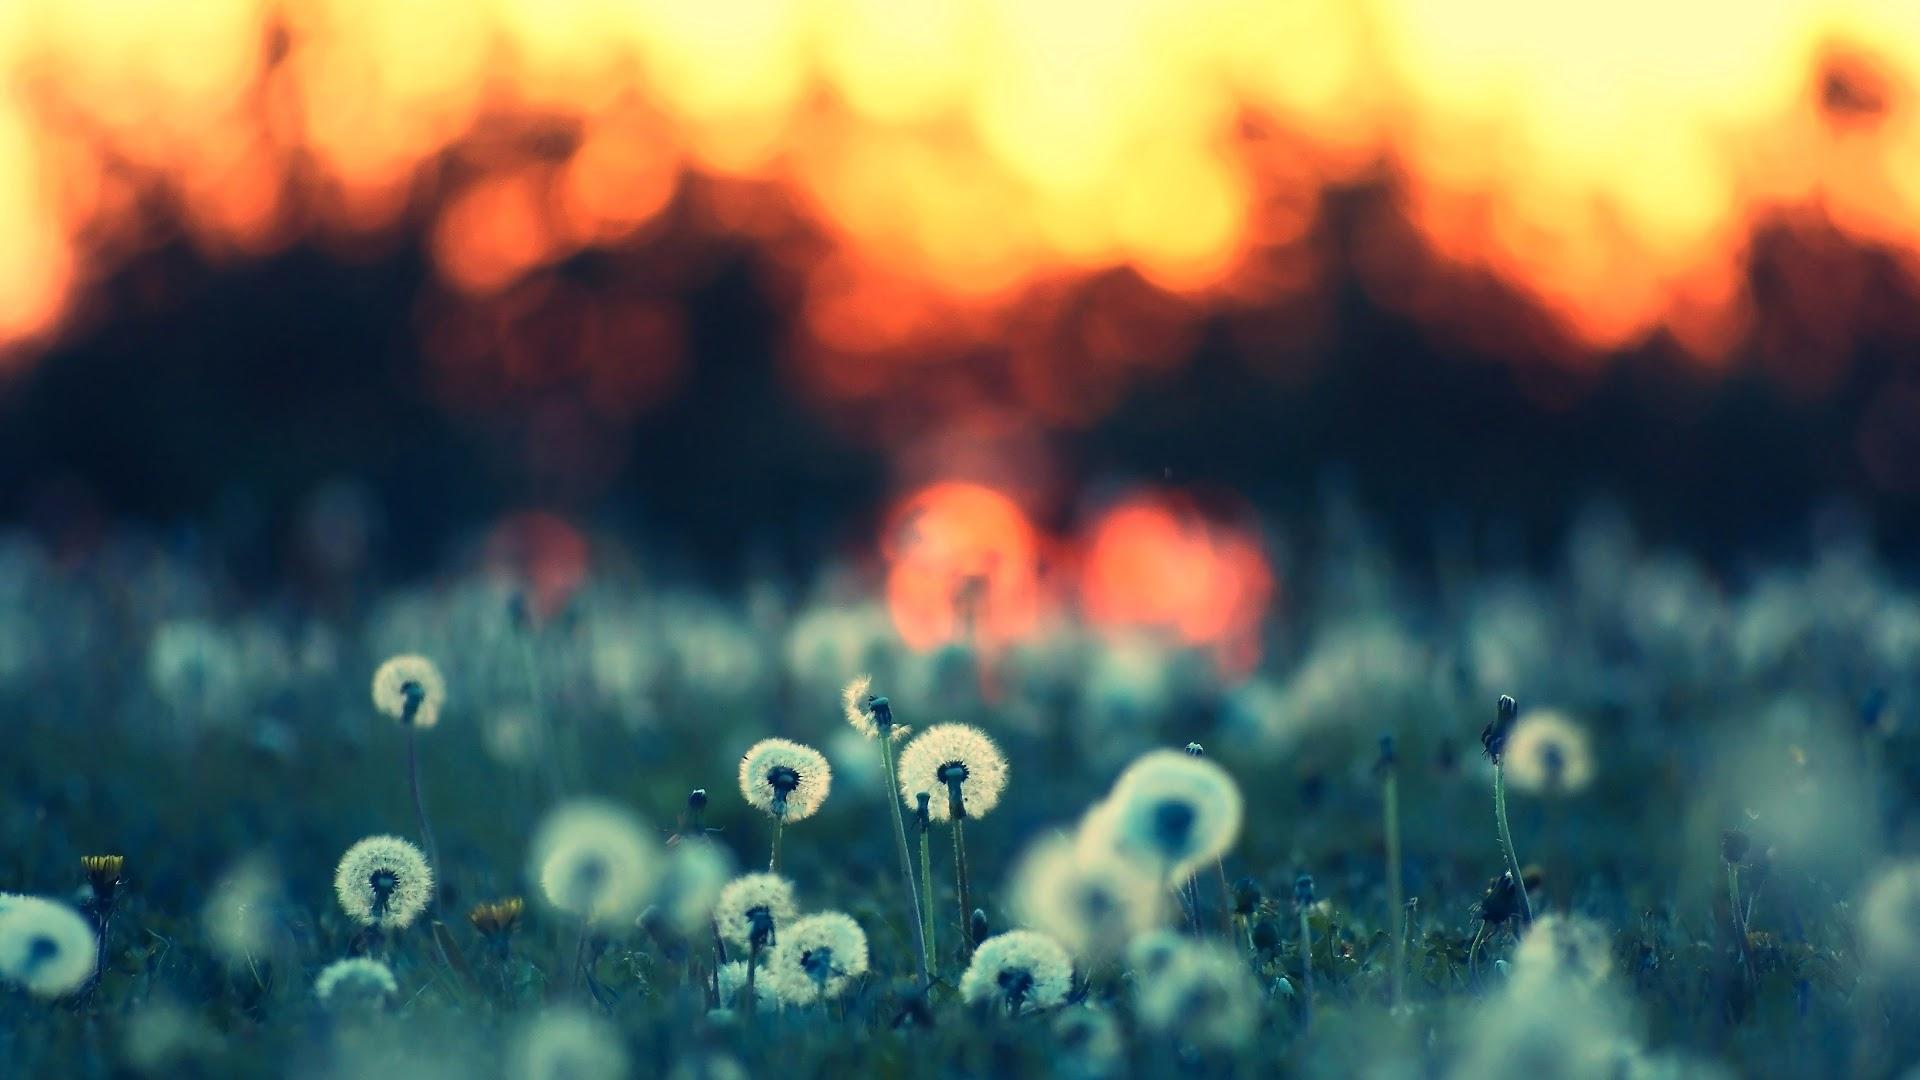 Hình nền hoàng hôn trên cánh đồng bồ công anh